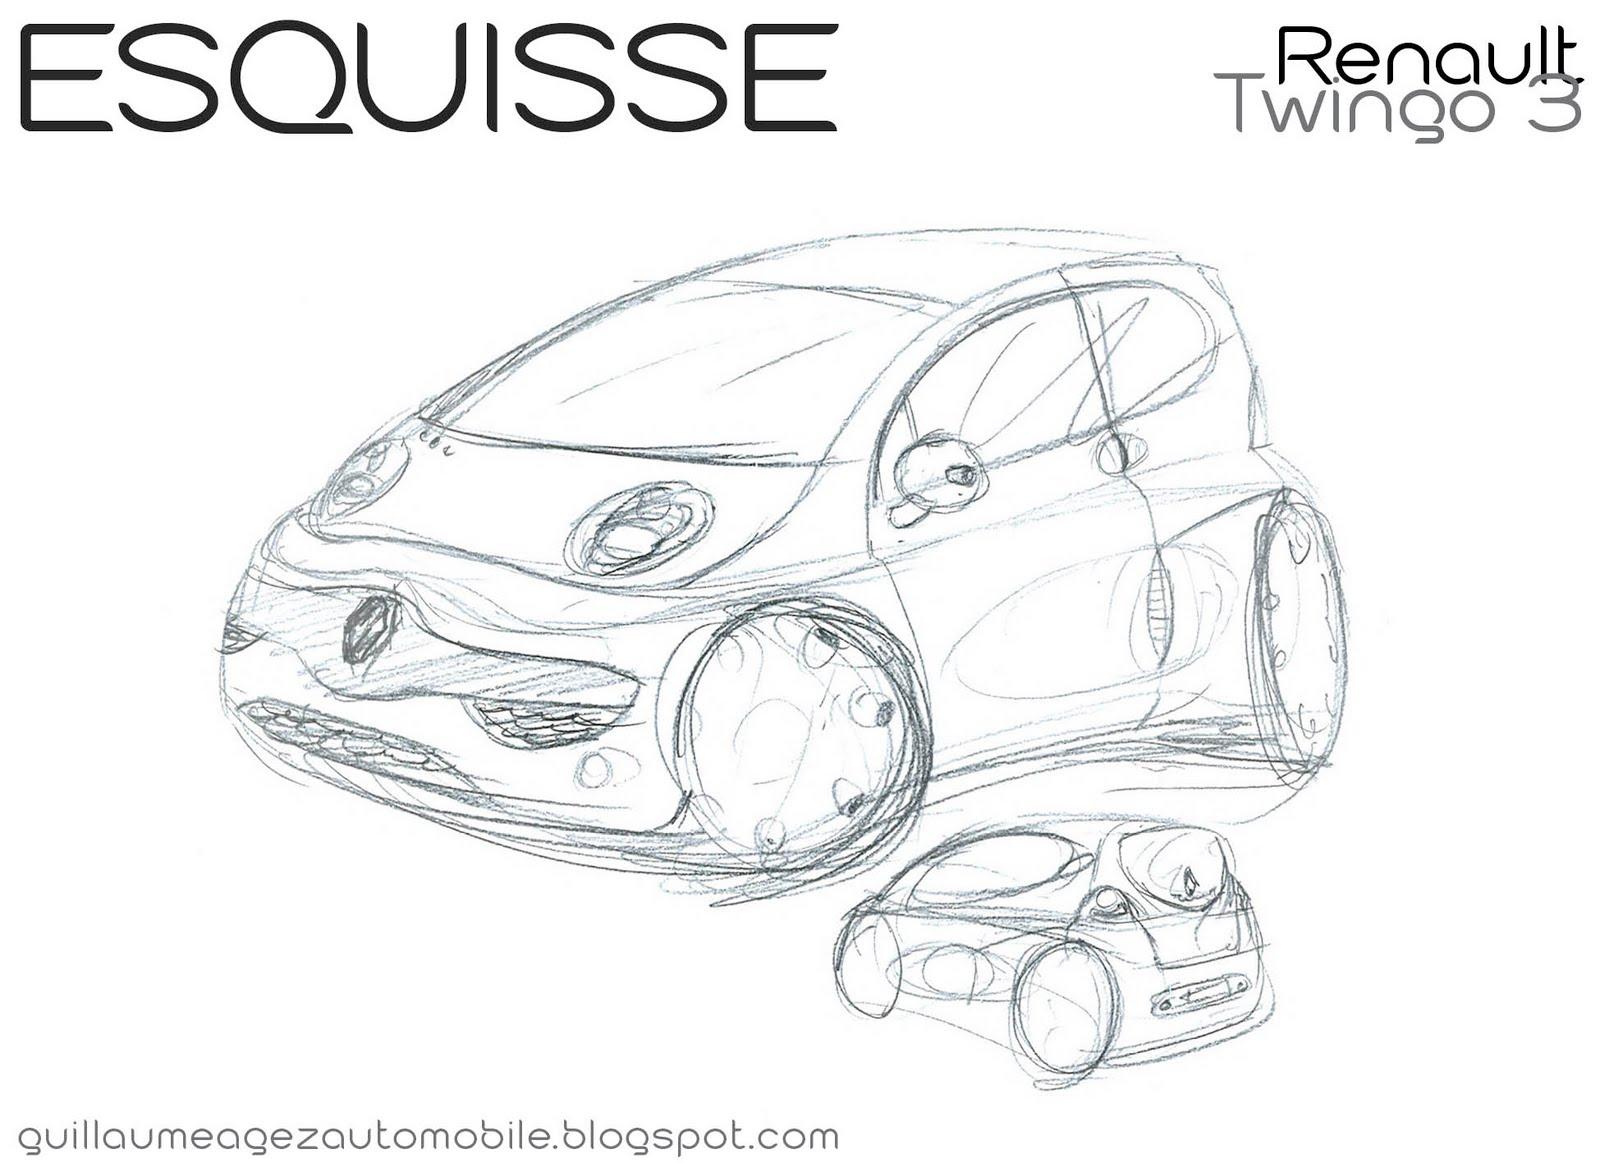 Guillaume AGEZ Automobile: Esquisse : Renault Twingo 3